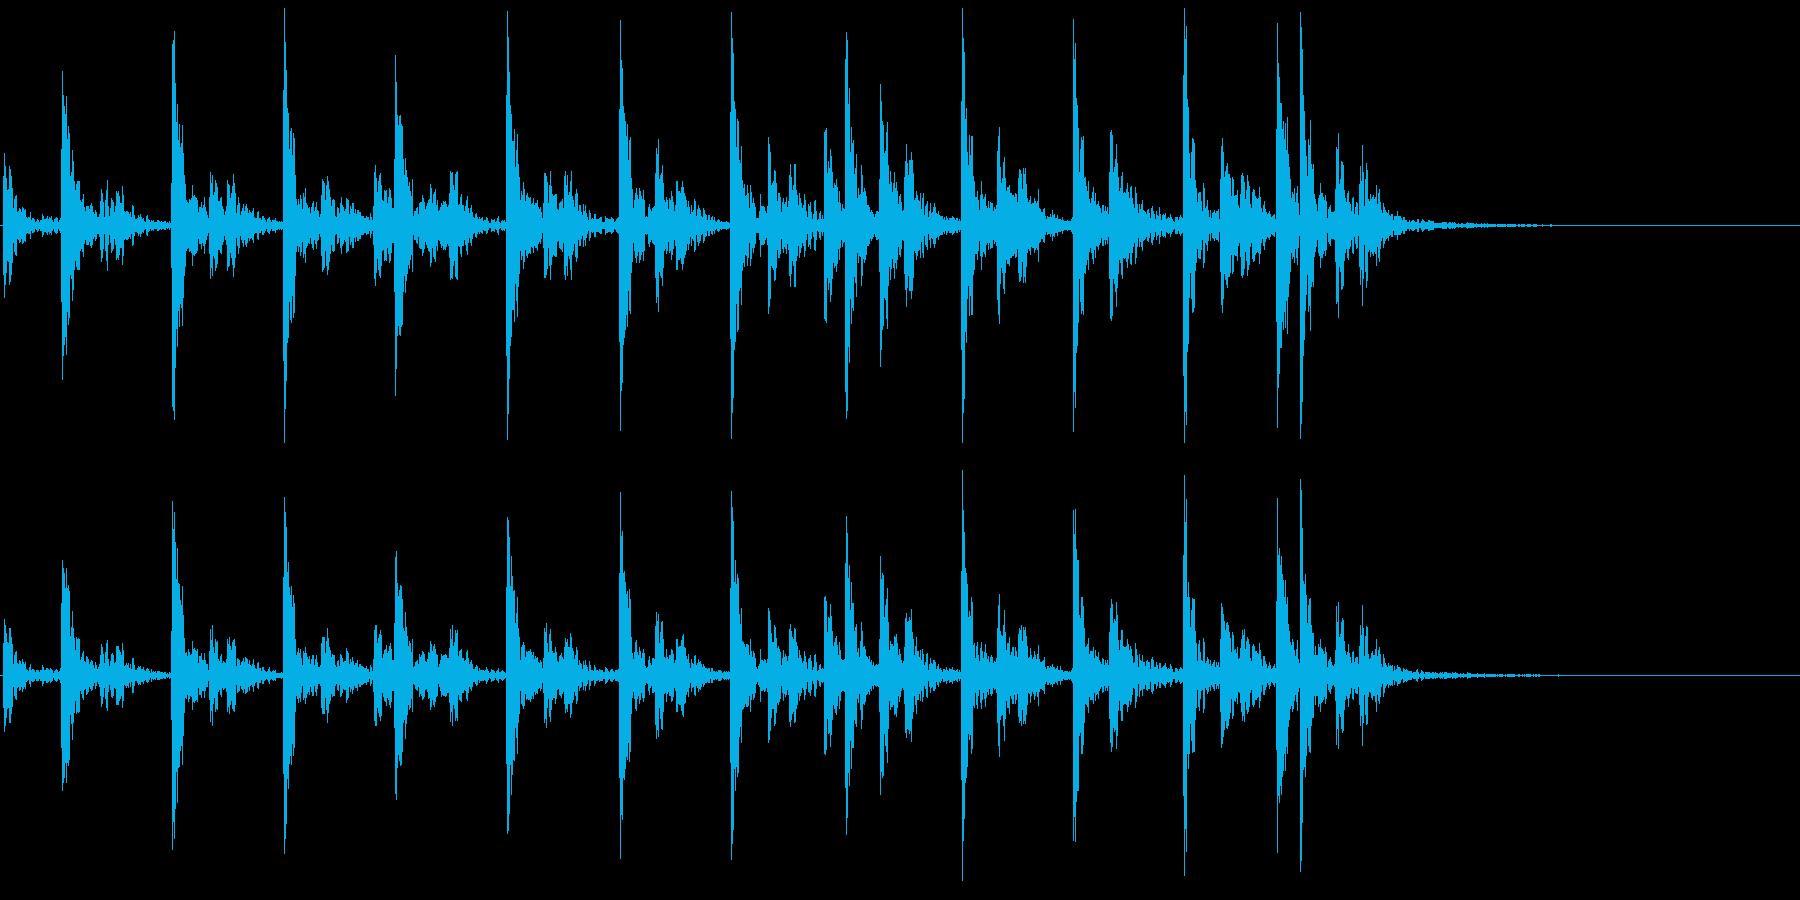 低音:グルーヴィージャングルリズム...の再生済みの波形